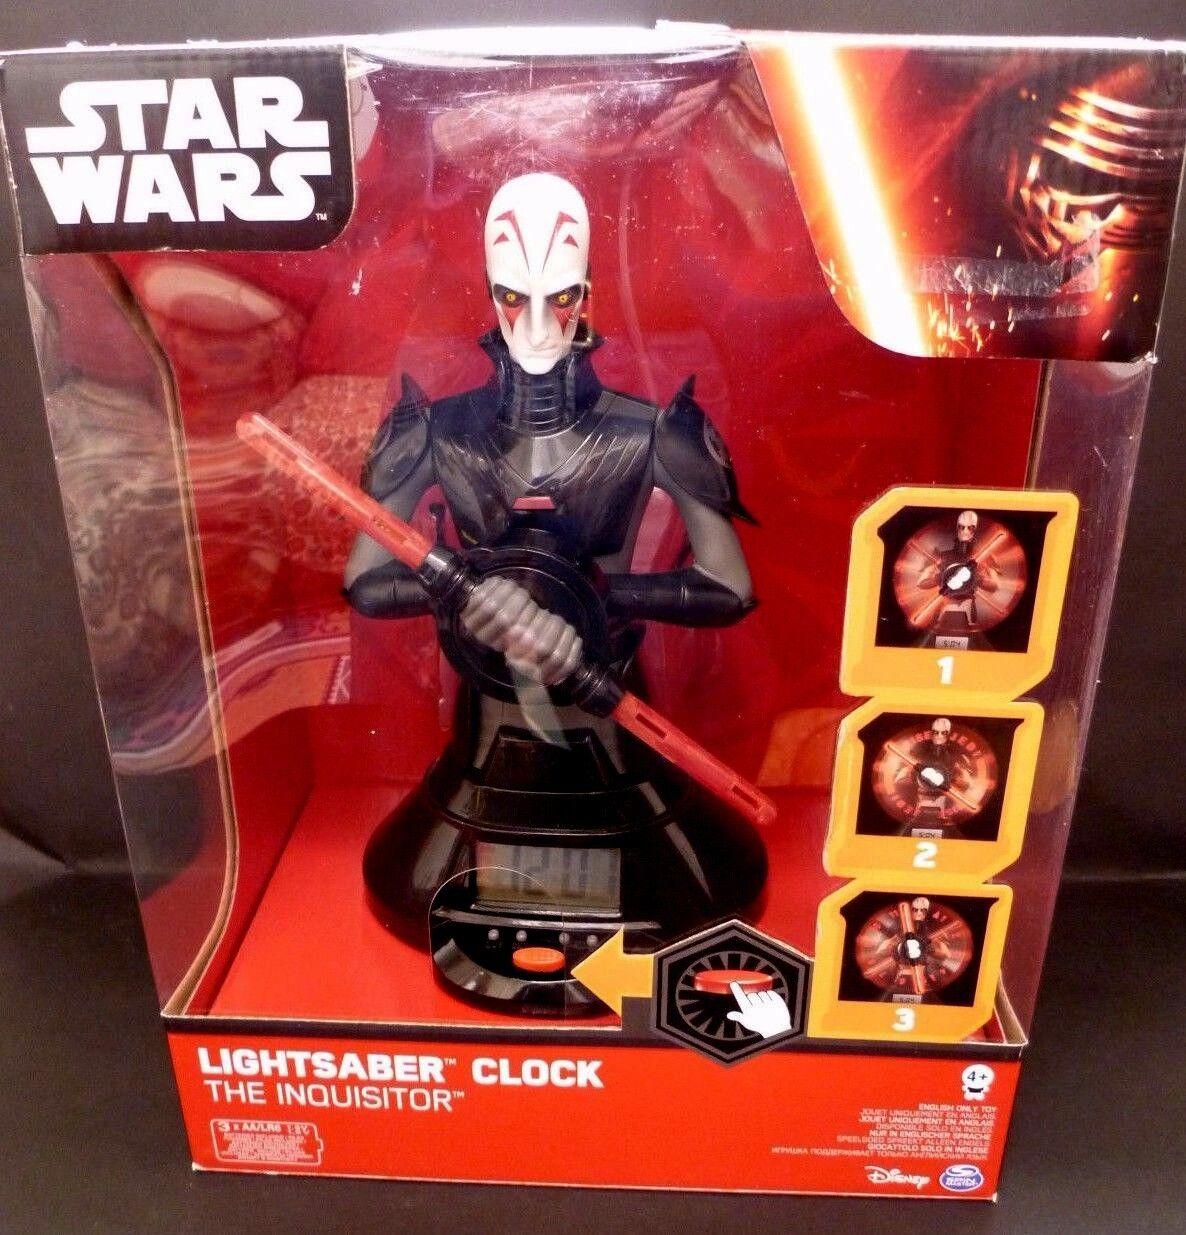 Star Wars Alarm Clock Inquisitor Spin Lightsaber Clock NEW